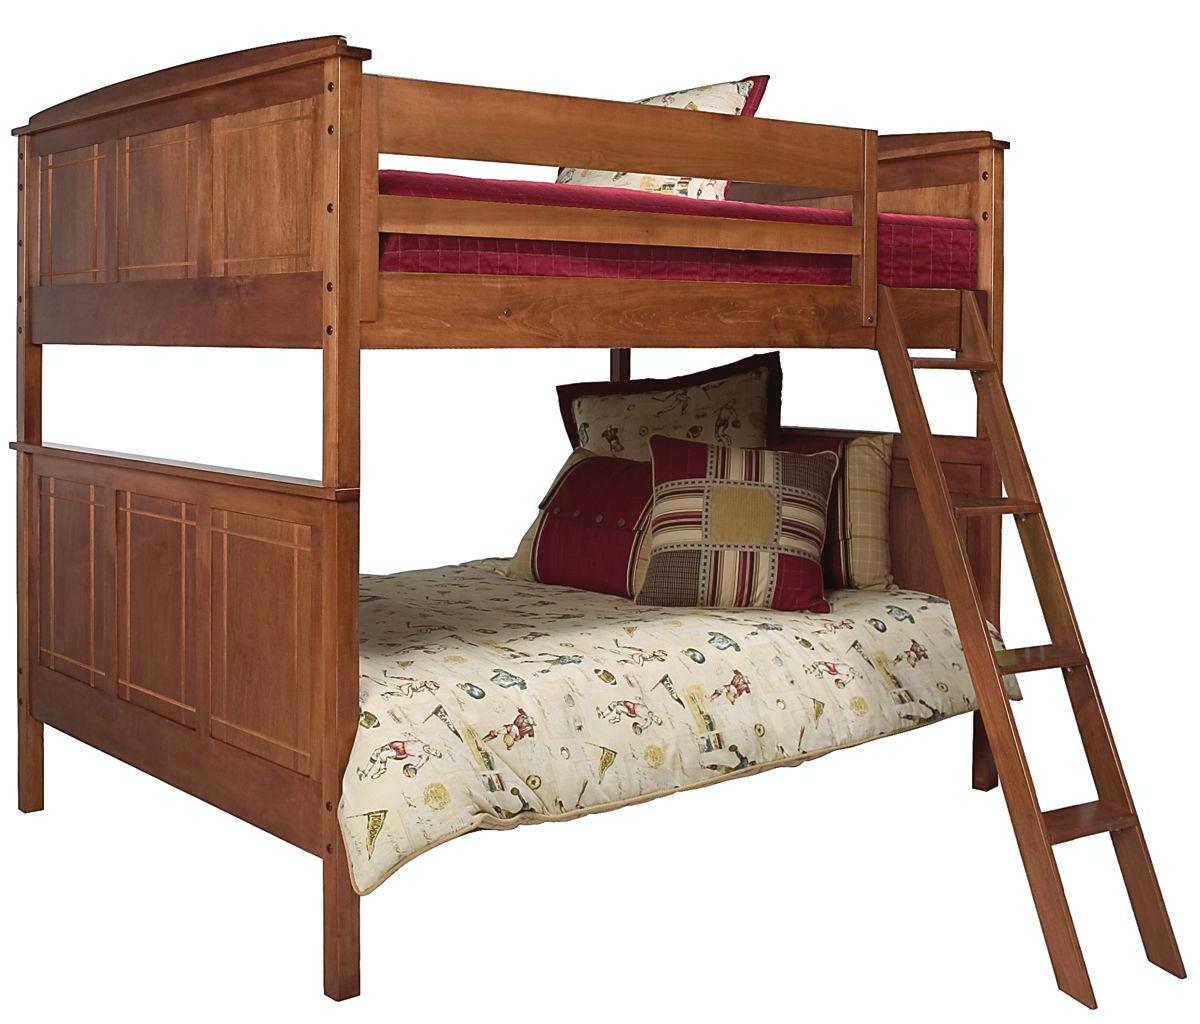 Precision Crafted Youth Bedroom Colorado Bunk Bed Pc9071 Borofka S